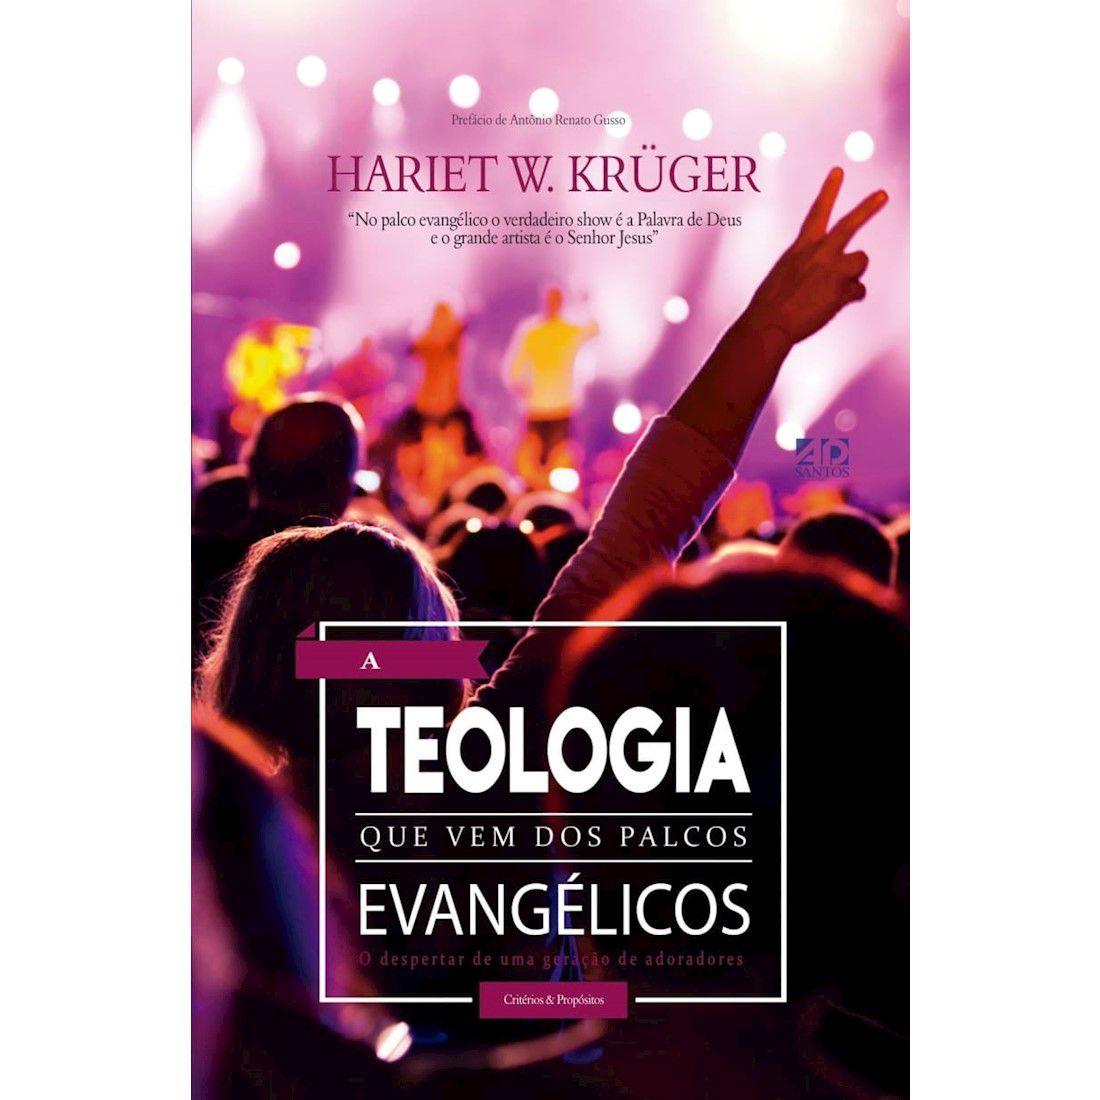 Livro A Teologia Que Vem dos Palcos Evangélicos